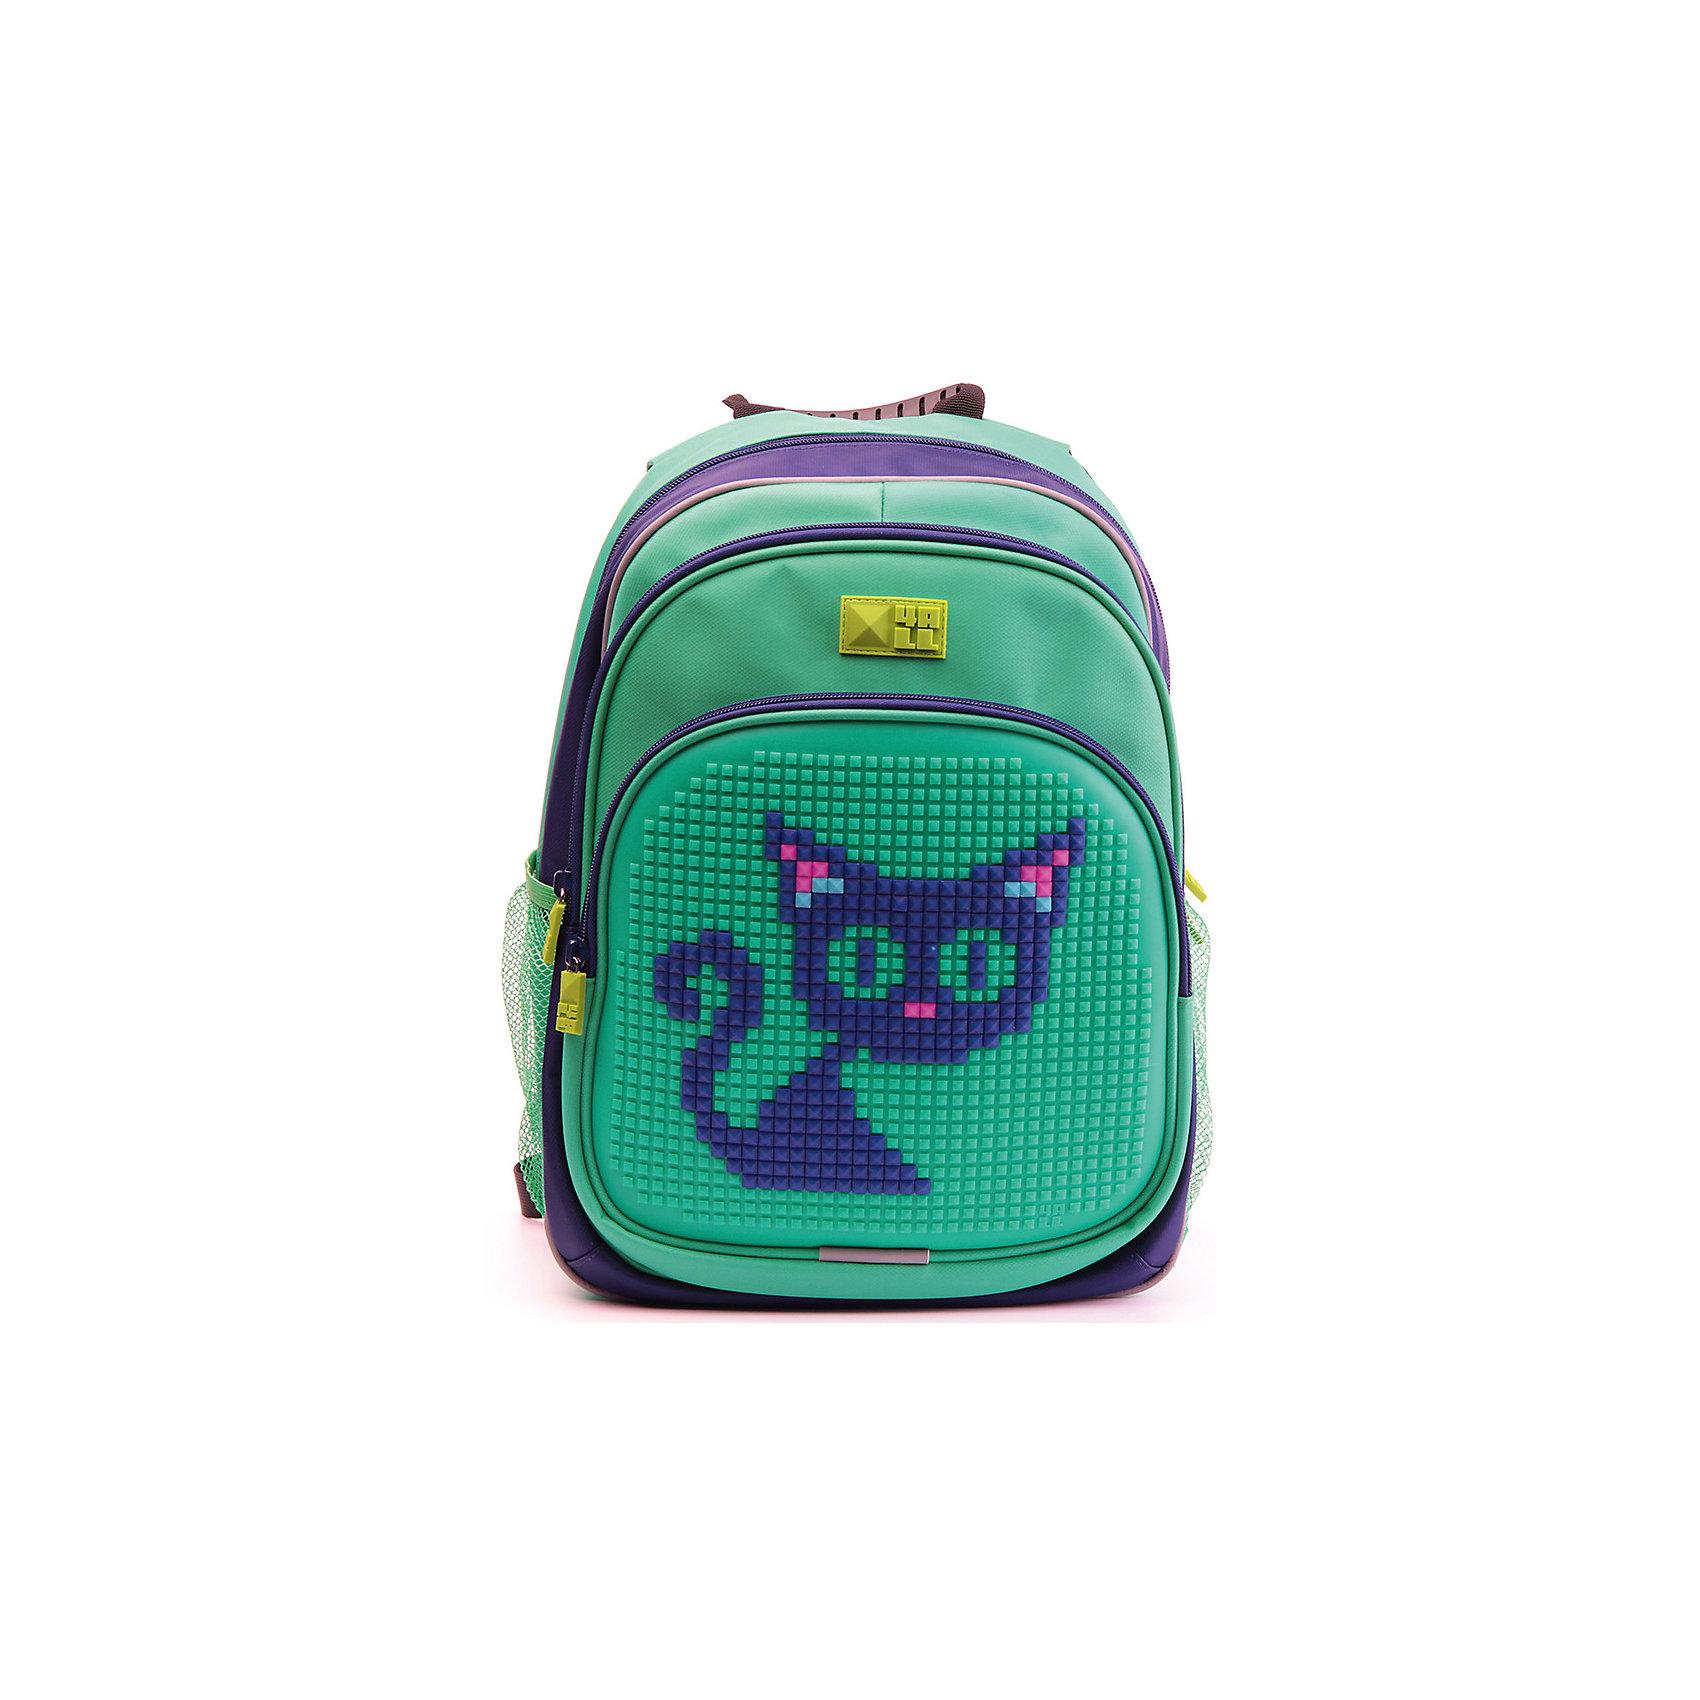 Рюкзак Kids, сине-зеленыйРюкзак KIDS - это одновременно и яркий, функциональный школьный аксессуар, и безграничная площадка для самовыражения, способная подчеркнуть любой выбранный образ. С помощью уникальной силиконовой панели и набора пластиковых пикселей-битов можно декорировать фасад рюкзака, как угодно, полагаясь на свое воображение и вкус. А все материалы, задействованные при изготовлении, имеют специальную вода- и грязеотталкивающую пропитку, что гарантирует практичность, износостойкость и долговечность рюкзака.<br><br>Такой современный и интересный ранец будет прекрасным подарком к 1 сентября!<br><br>Особенности:<br>AIR COMFORT system:<br>- Система свободной циркуляции воздуха между задней стенкой рюкзака и спиной ребенка.<br>- Совместно с ортопедической спиной ERGO system эта система воздухообмена делает ежедневное использование рюкзаков KIDS безопасным для здоровья и максимально комфортным!<br>ERGO system:<br>- Разработанная нами система ERGO служит равномерному распределению нагрузки на спину ребенка. Она способна сделать рюкзак, наполненный учебниками, легким. ERGO служит сохранению правильной осанки и заботится о здоровье позвоночника!<br>Ортопедическая спина:<br>- Важное свойство наших рюкзаков - ортопедическая спина! Способна как корсет поддерживать позвоночник, правильно распределяя нагрузку, а так же обеспечивает циркуляцию воздуха между задней стенкой рюкзака и спиной ребенка!<br>А также:<br>- Гипоаллергенный силикон;<br>- Водоотталкивающие материалы;<br>- Устойчивость всех материалов к температурам воздуха ниже 0!<br><br>Дополнительная информация:<br><br>- Рюкзак уже содержит 1 упаковку разноцветных пикселей-битов (300 шт.) для создания картинок<br>- Цвет: сине-зеленый;<br>- Объем рюкзака: 22 л.<br>- Размер в упаковке: 39х27х15 см.<br>- Вес в упаковке: 950 г.<br><br>Рюкзак Kids в сине-зеленом  цвете , можно купить в нашем магазине.<br><br>Ширина мм: 390<br>Глубина мм: 270<br>Высота мм: 150<br>Вес г: 950<br>Возраст от месяцев: 36<br>Возраст до меся